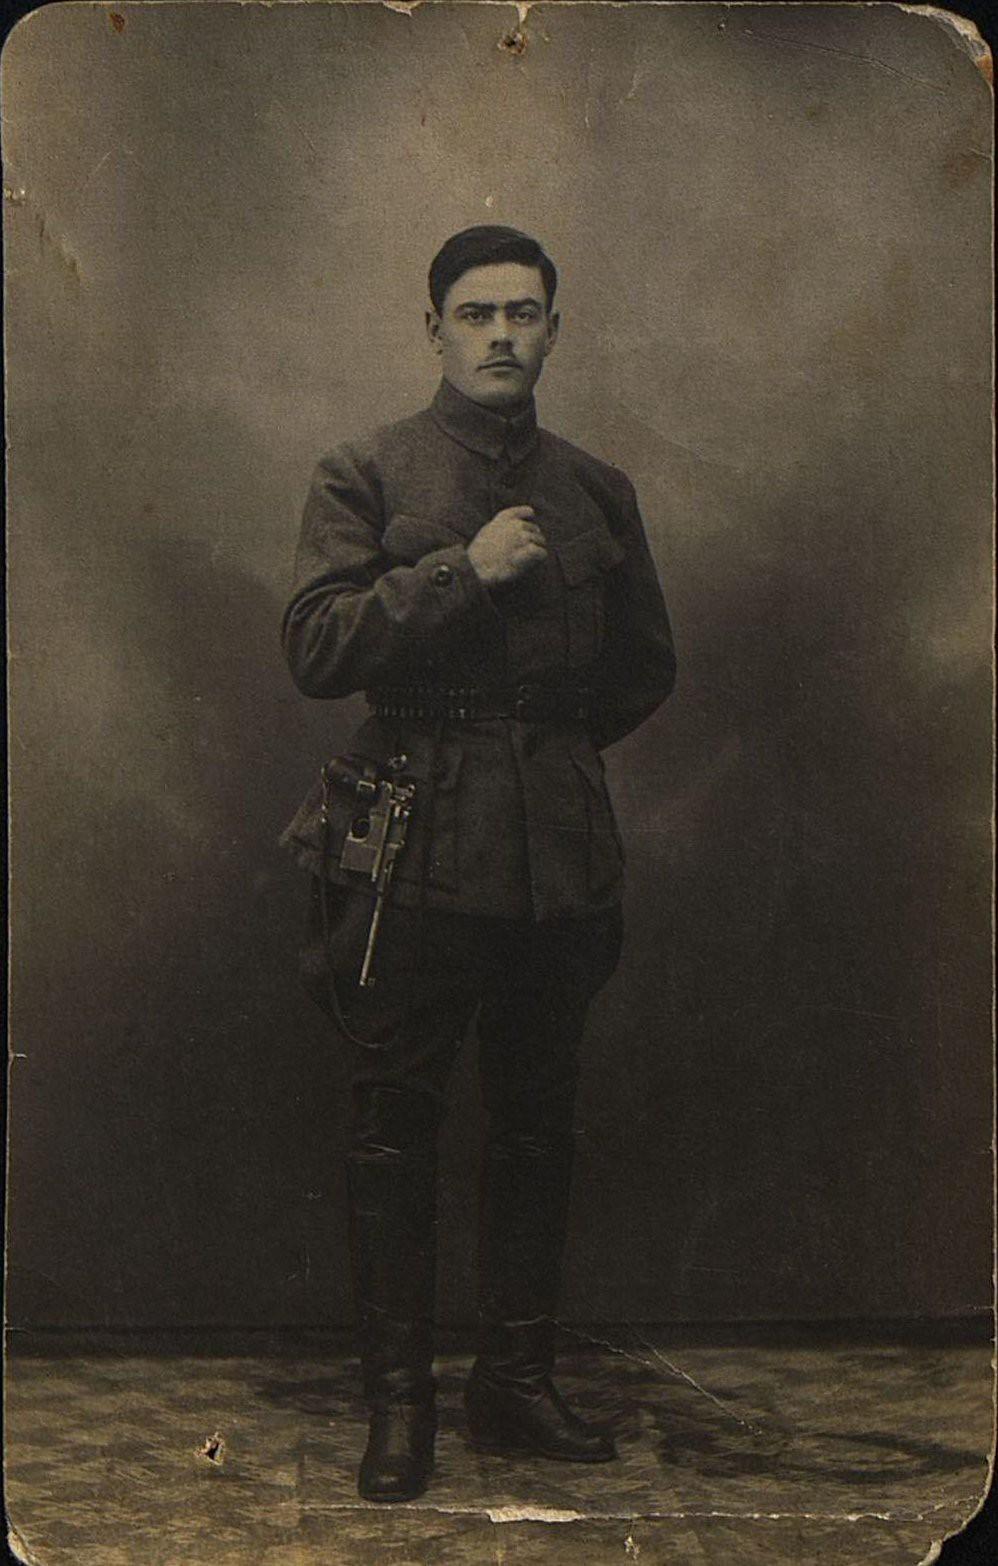 1921-1922. Семикоровкин Иван Николаевич, особо уполномоченный по борьбе с контрреволюцией на Дальнем Востоке. Хабаровск